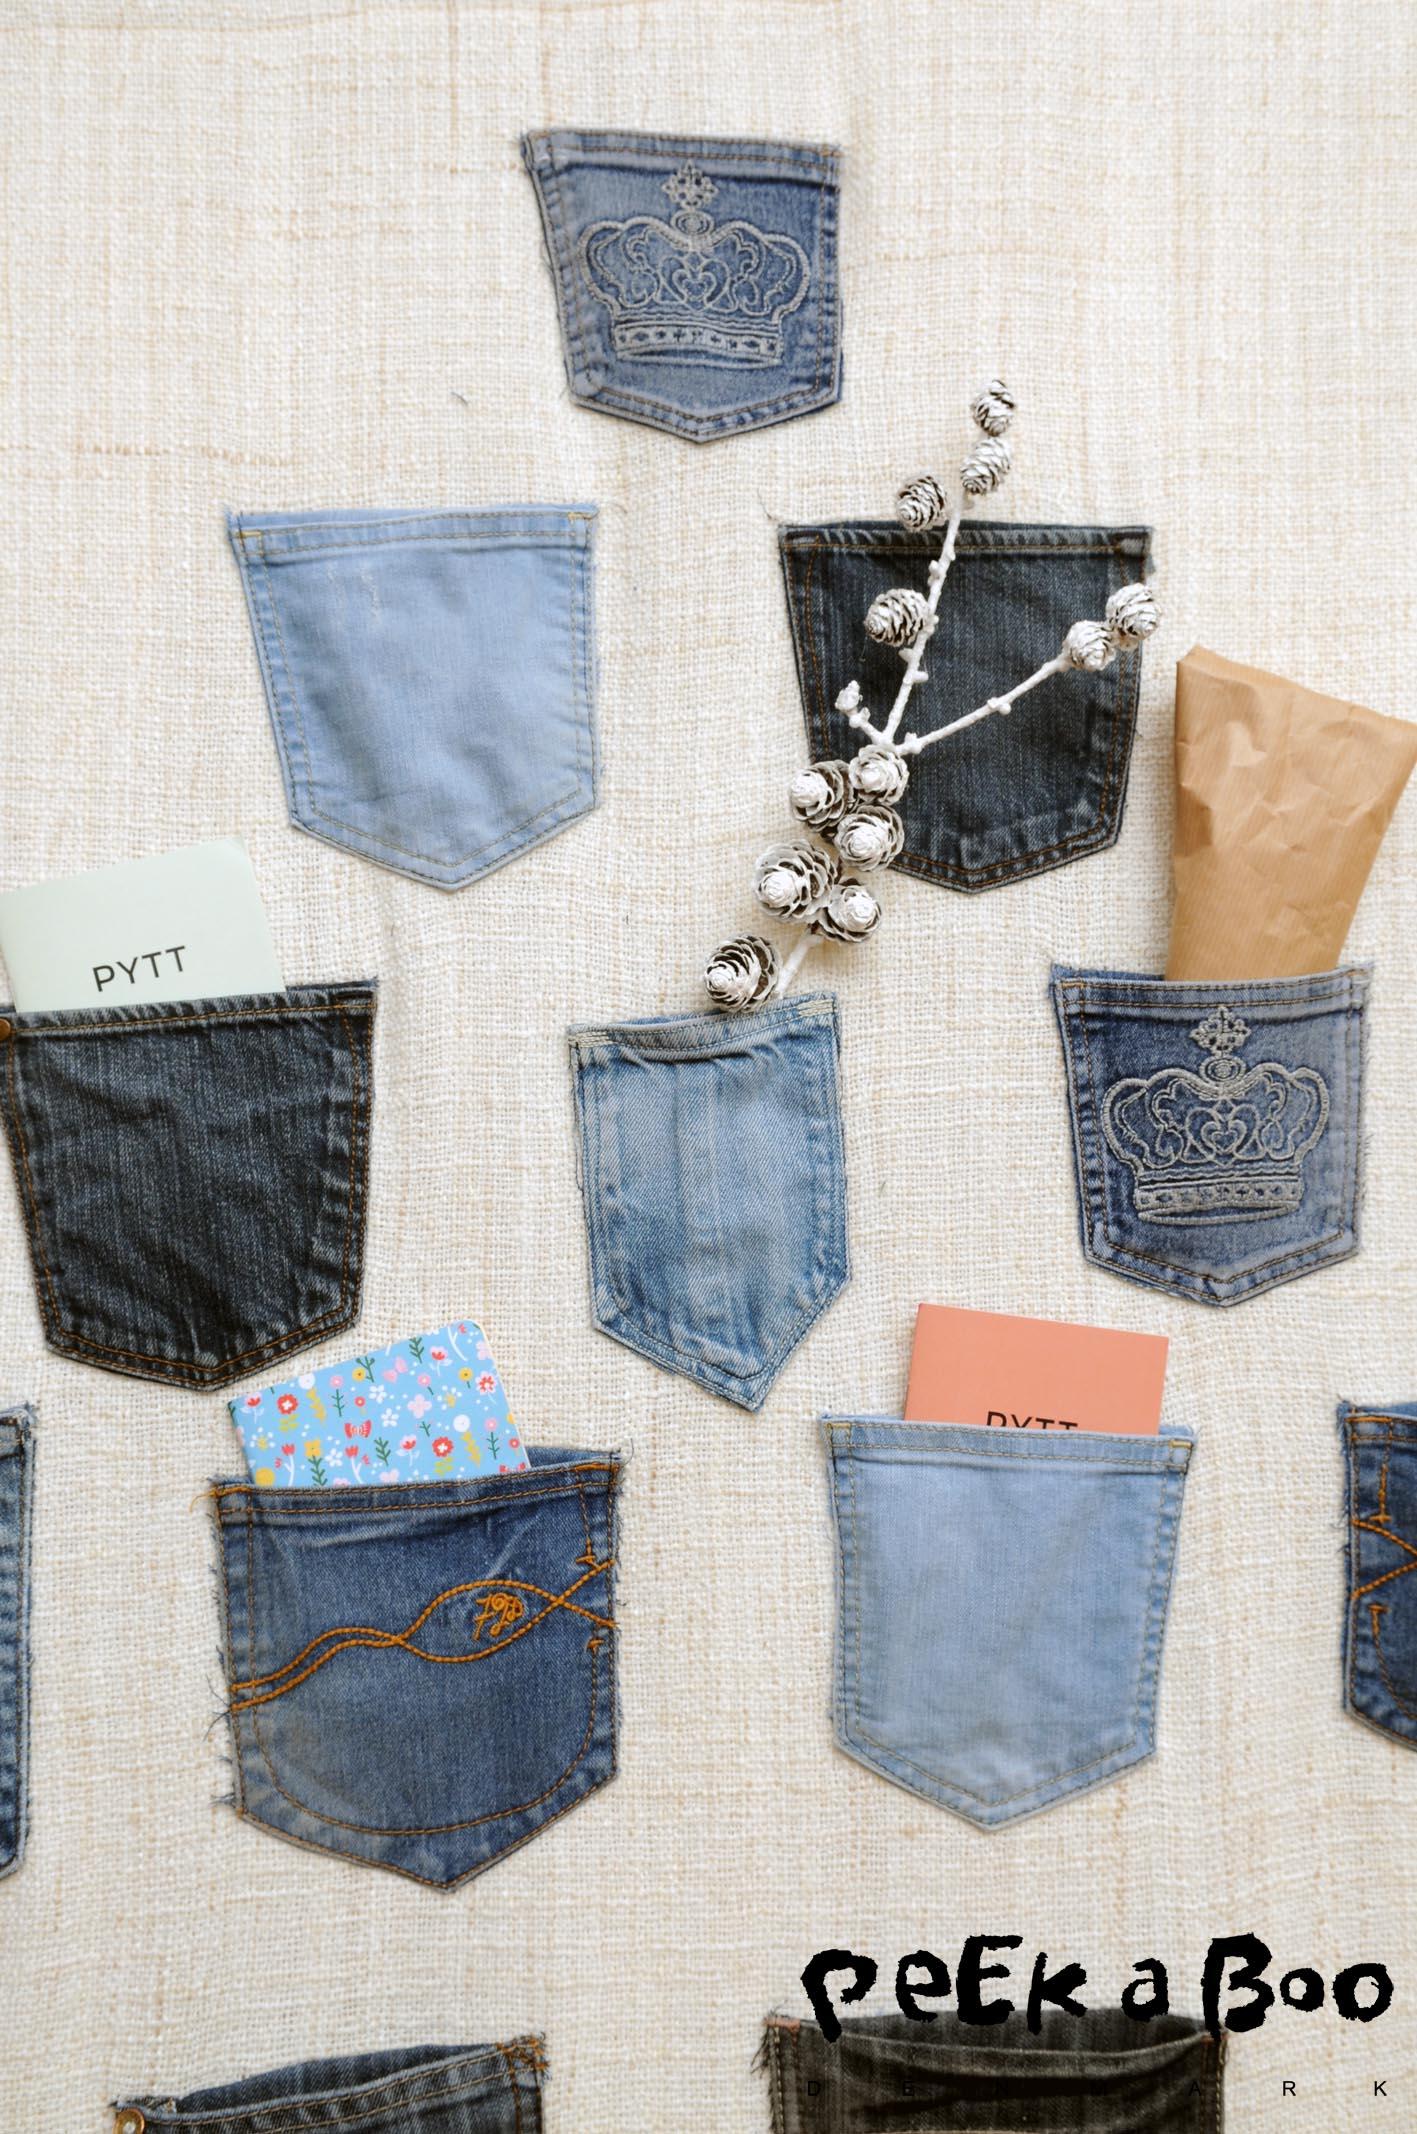 Fyld lommerne med små gaver, søde beskeder og lidt julepynt når de er blevet tømt.